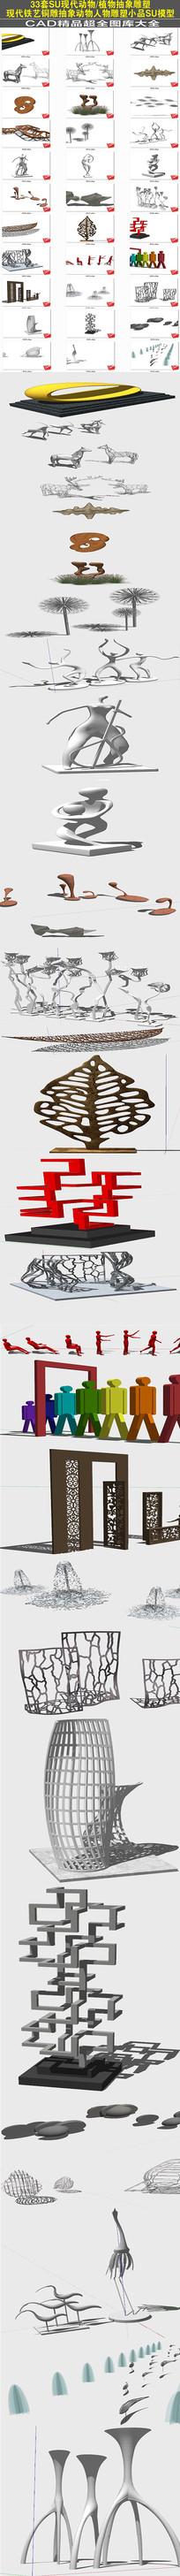 33款人物动物艺术品雕塑 skp